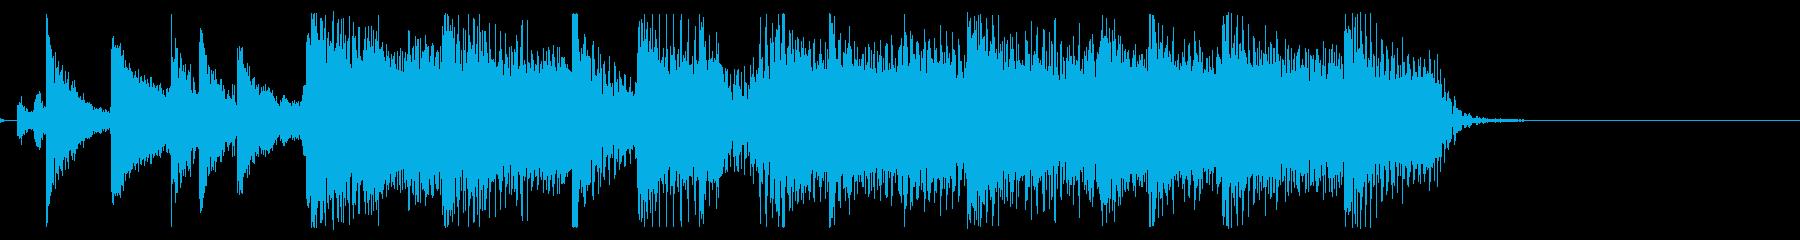 【気分一新4】の再生済みの波形